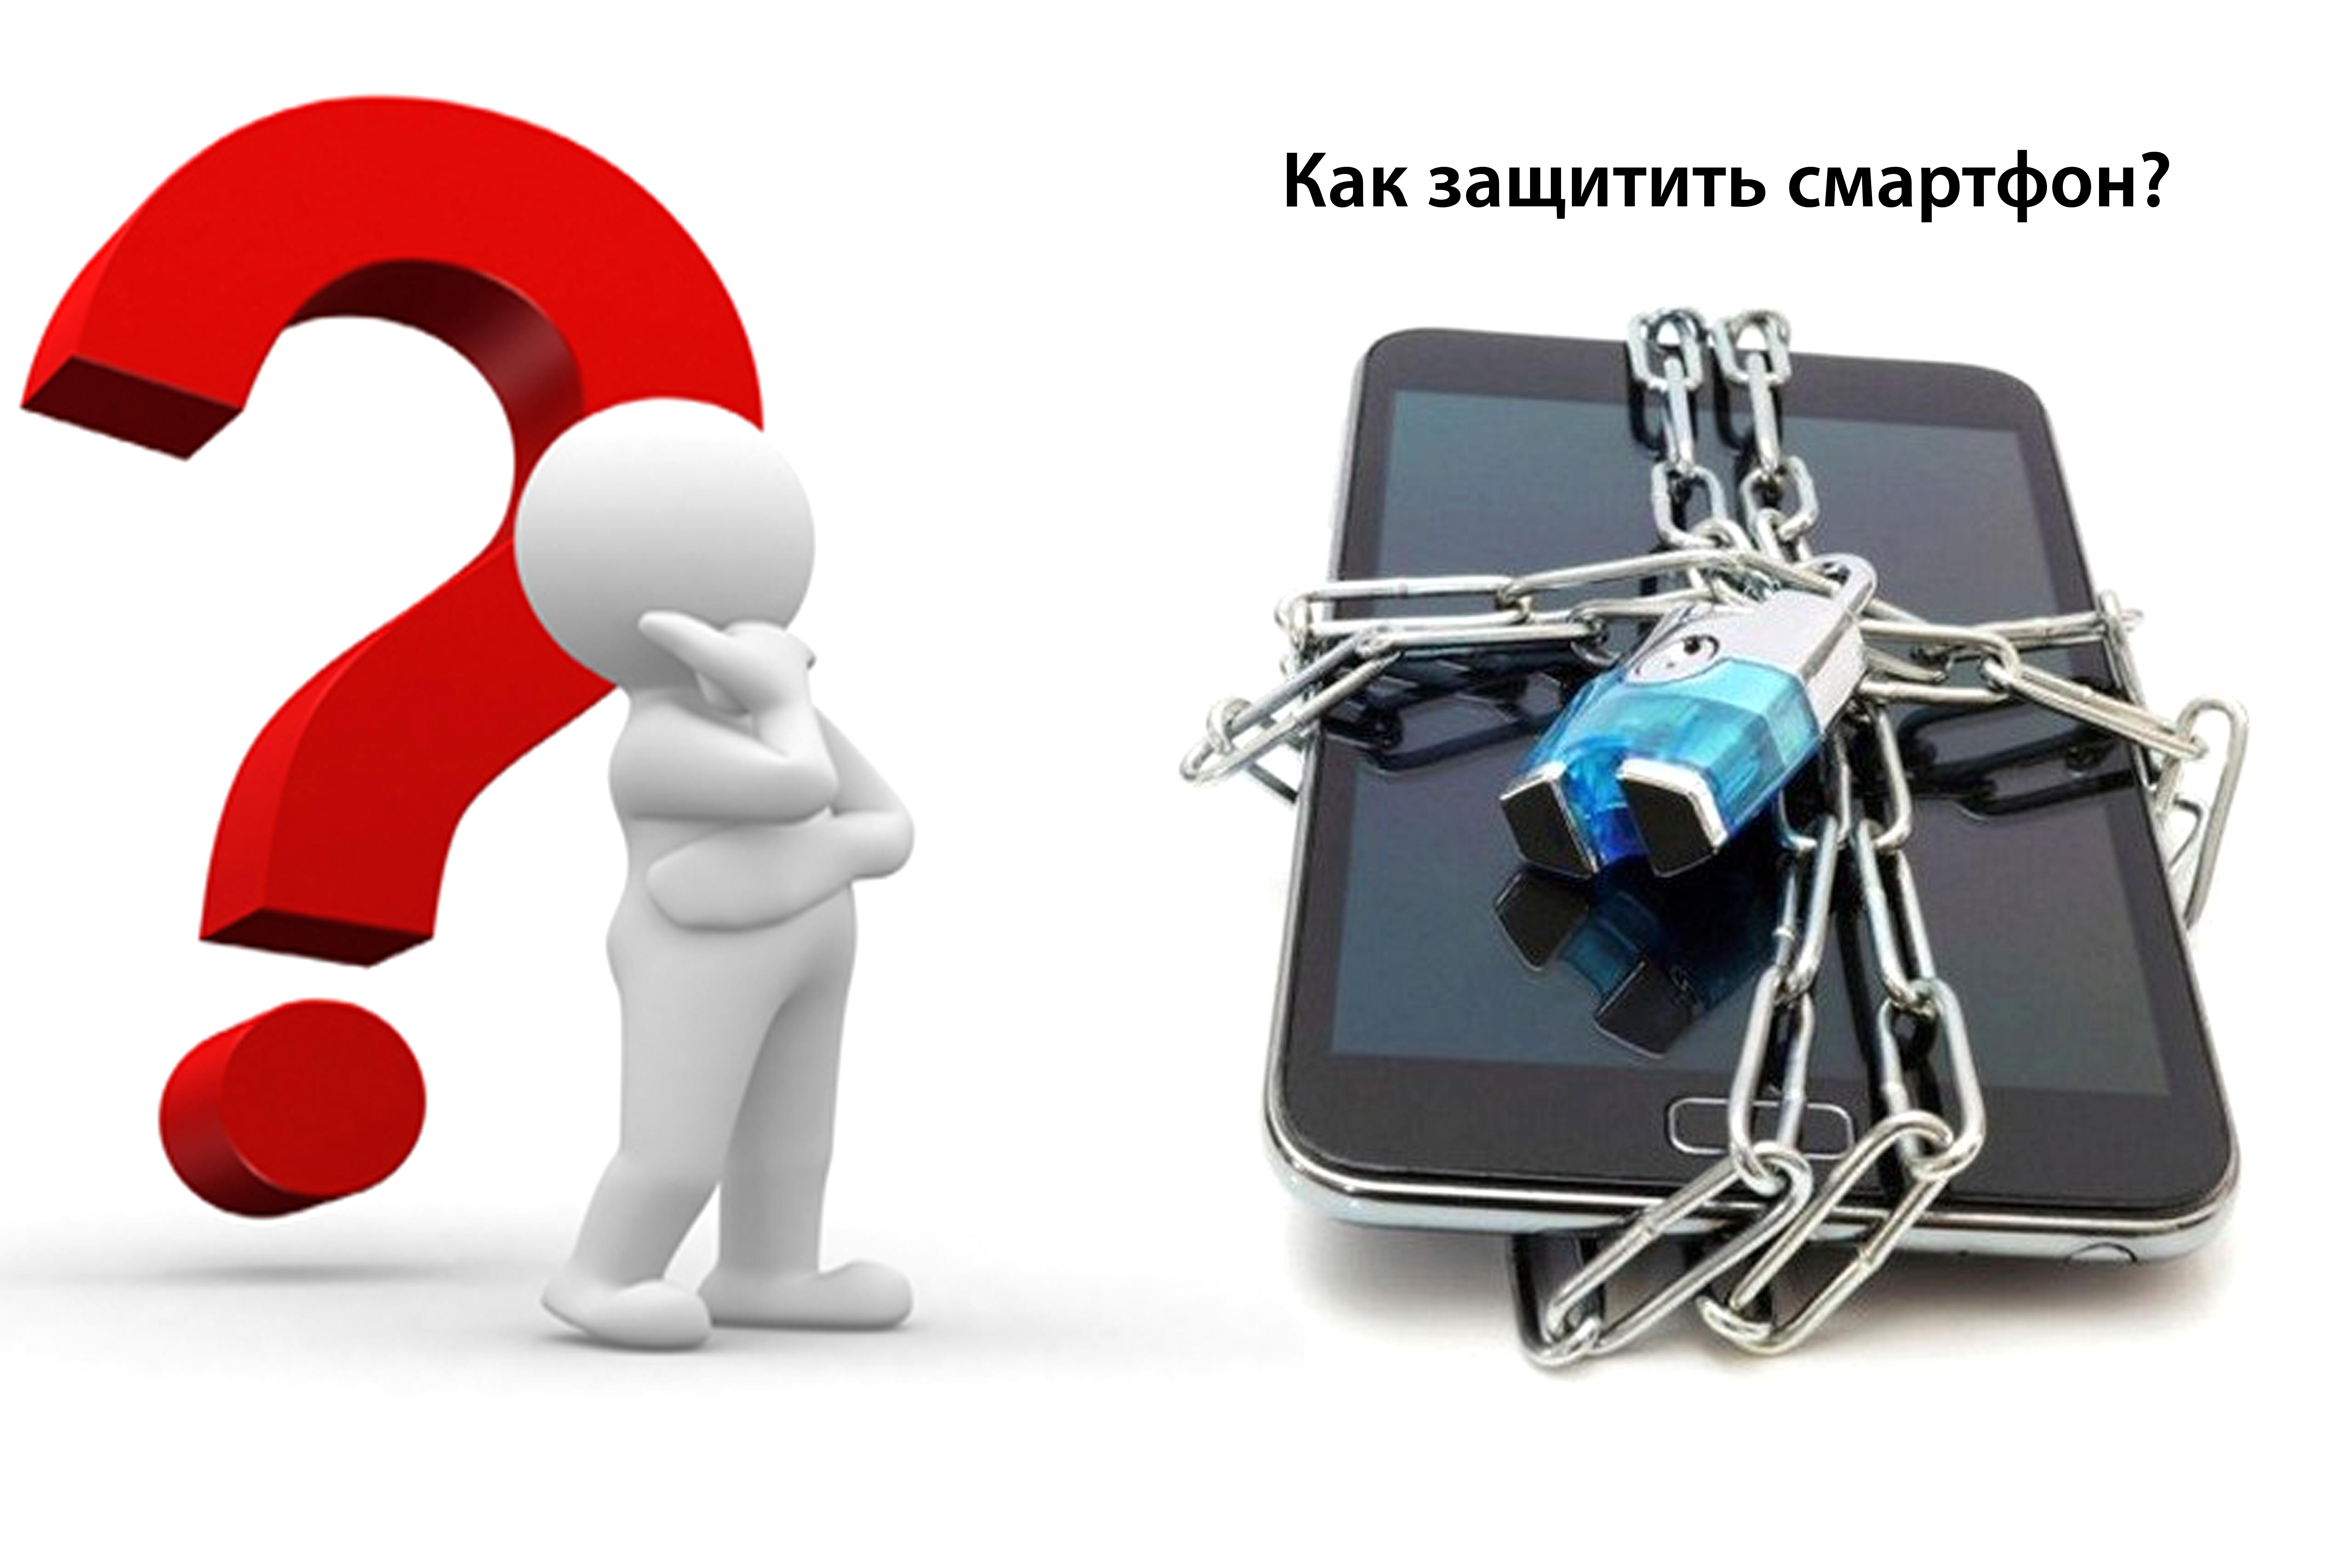 Как защитить смартфон: защитные пленки, стекла, чехлы